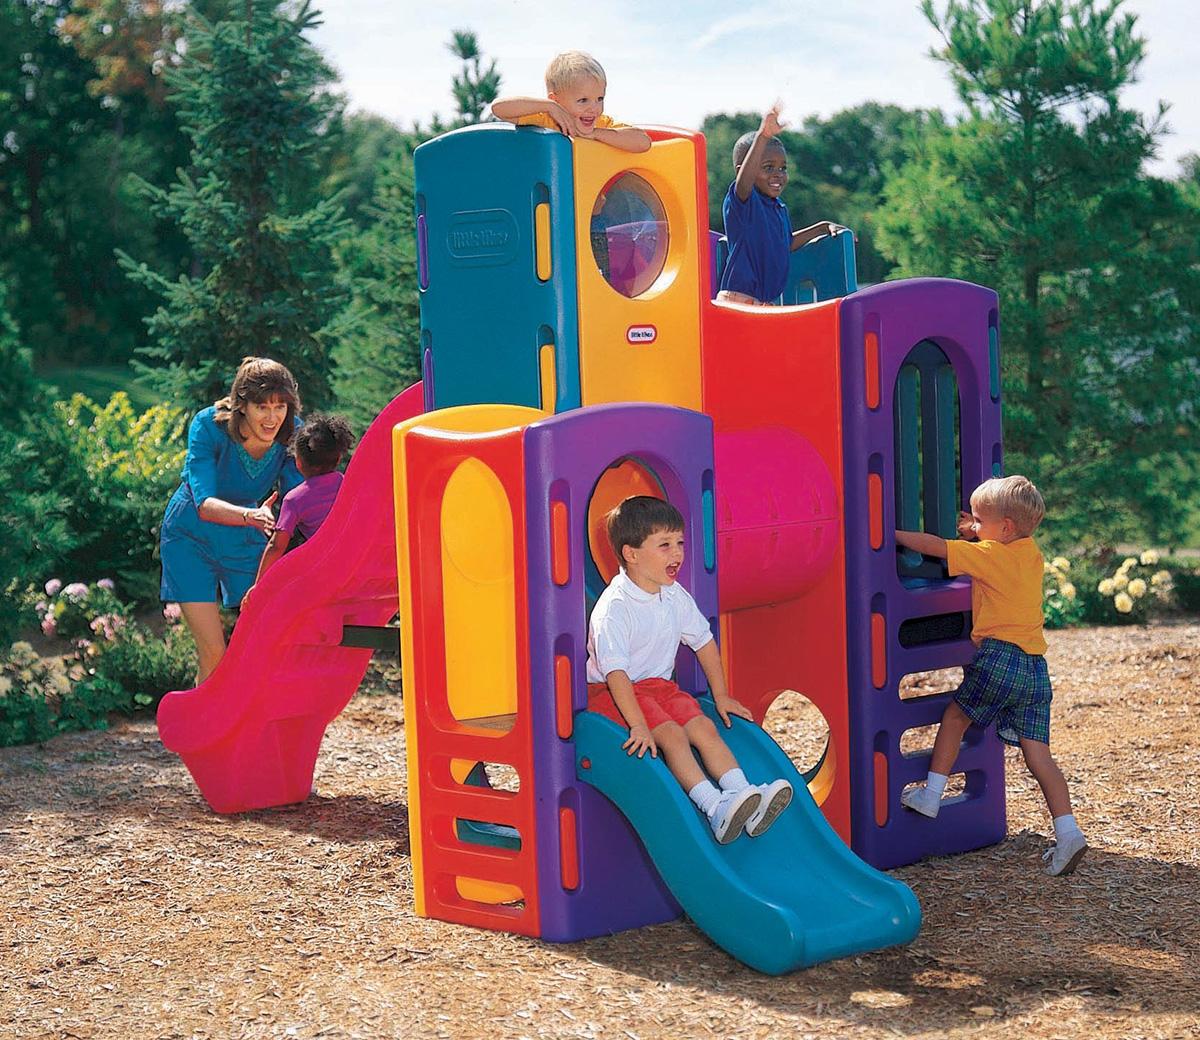 Juguetes al aire libre para niños